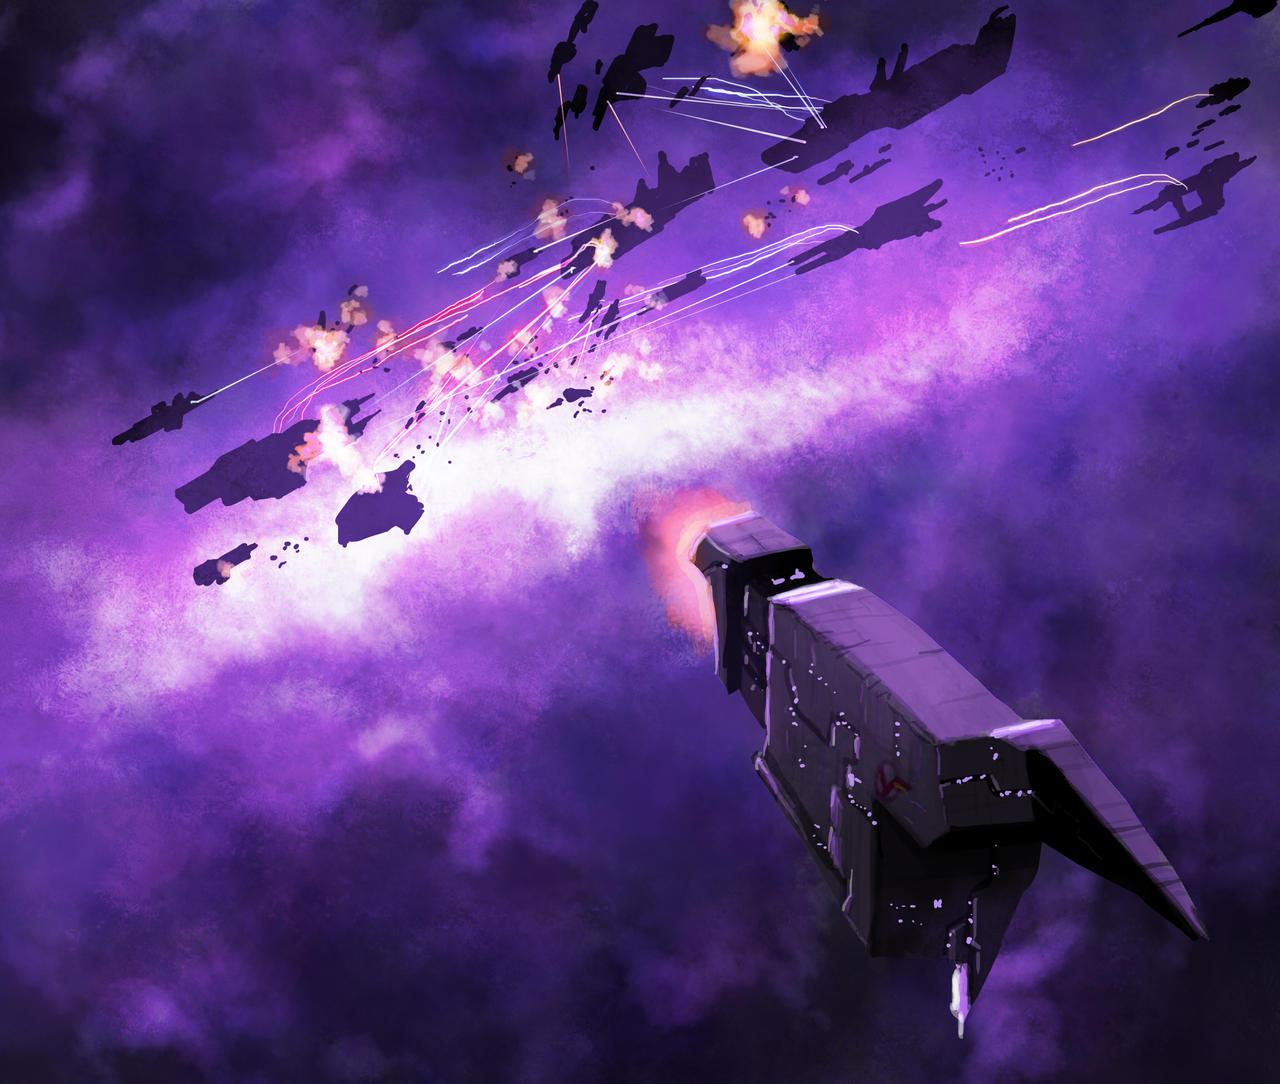 Space Battle in Purple by DeepChrome